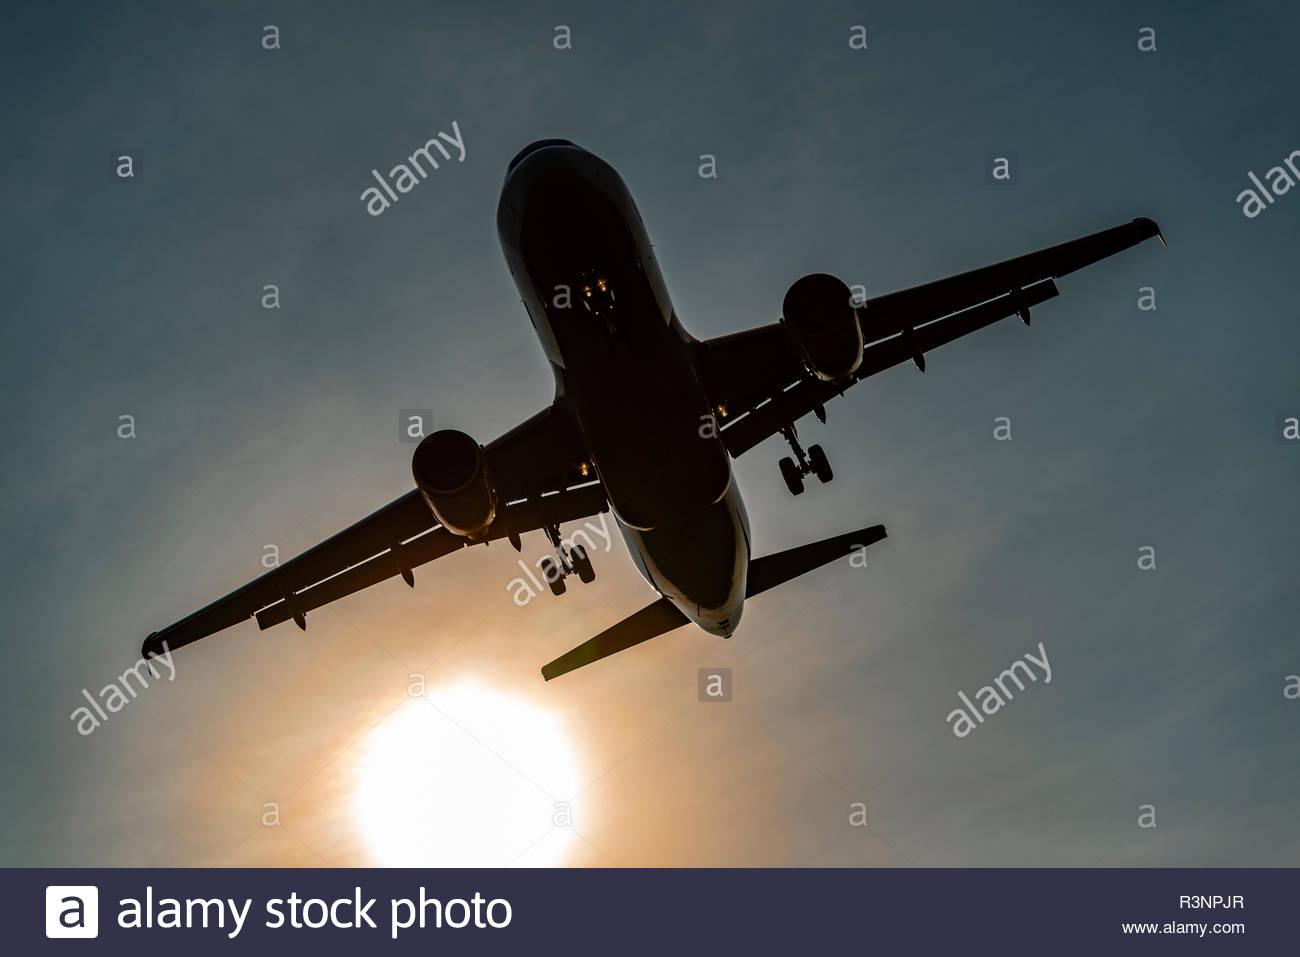 Flugzeug mit Fluggästen landet an einem sonnigen Tag - Stock Image